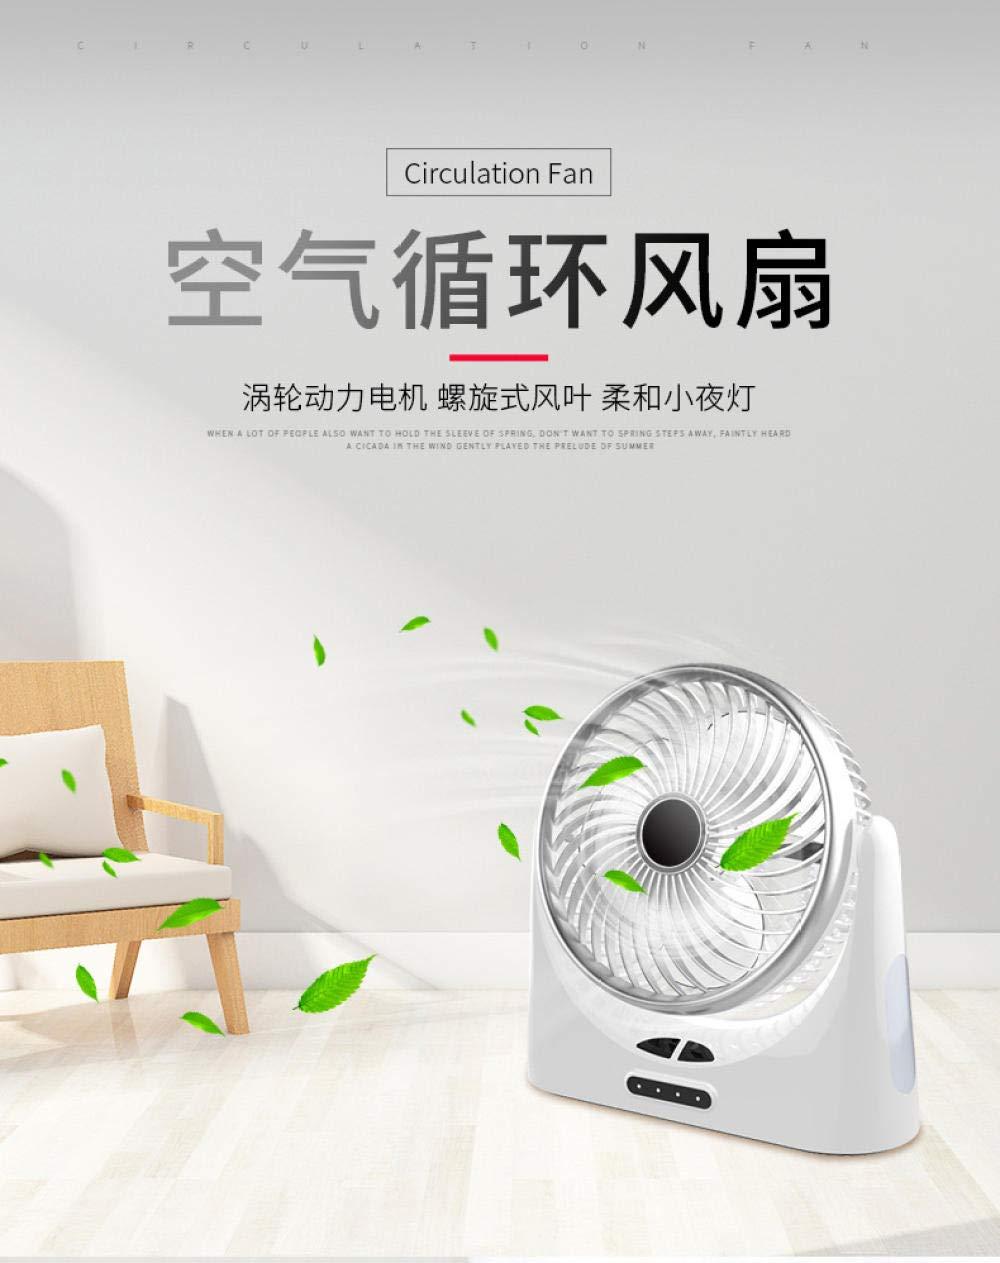 Bupoor mini luftkühler mobile klimageräte, Air Cooler, Persönliche Klimaanlage, Luftbefeuchter, Luftreiniger, USB mit…